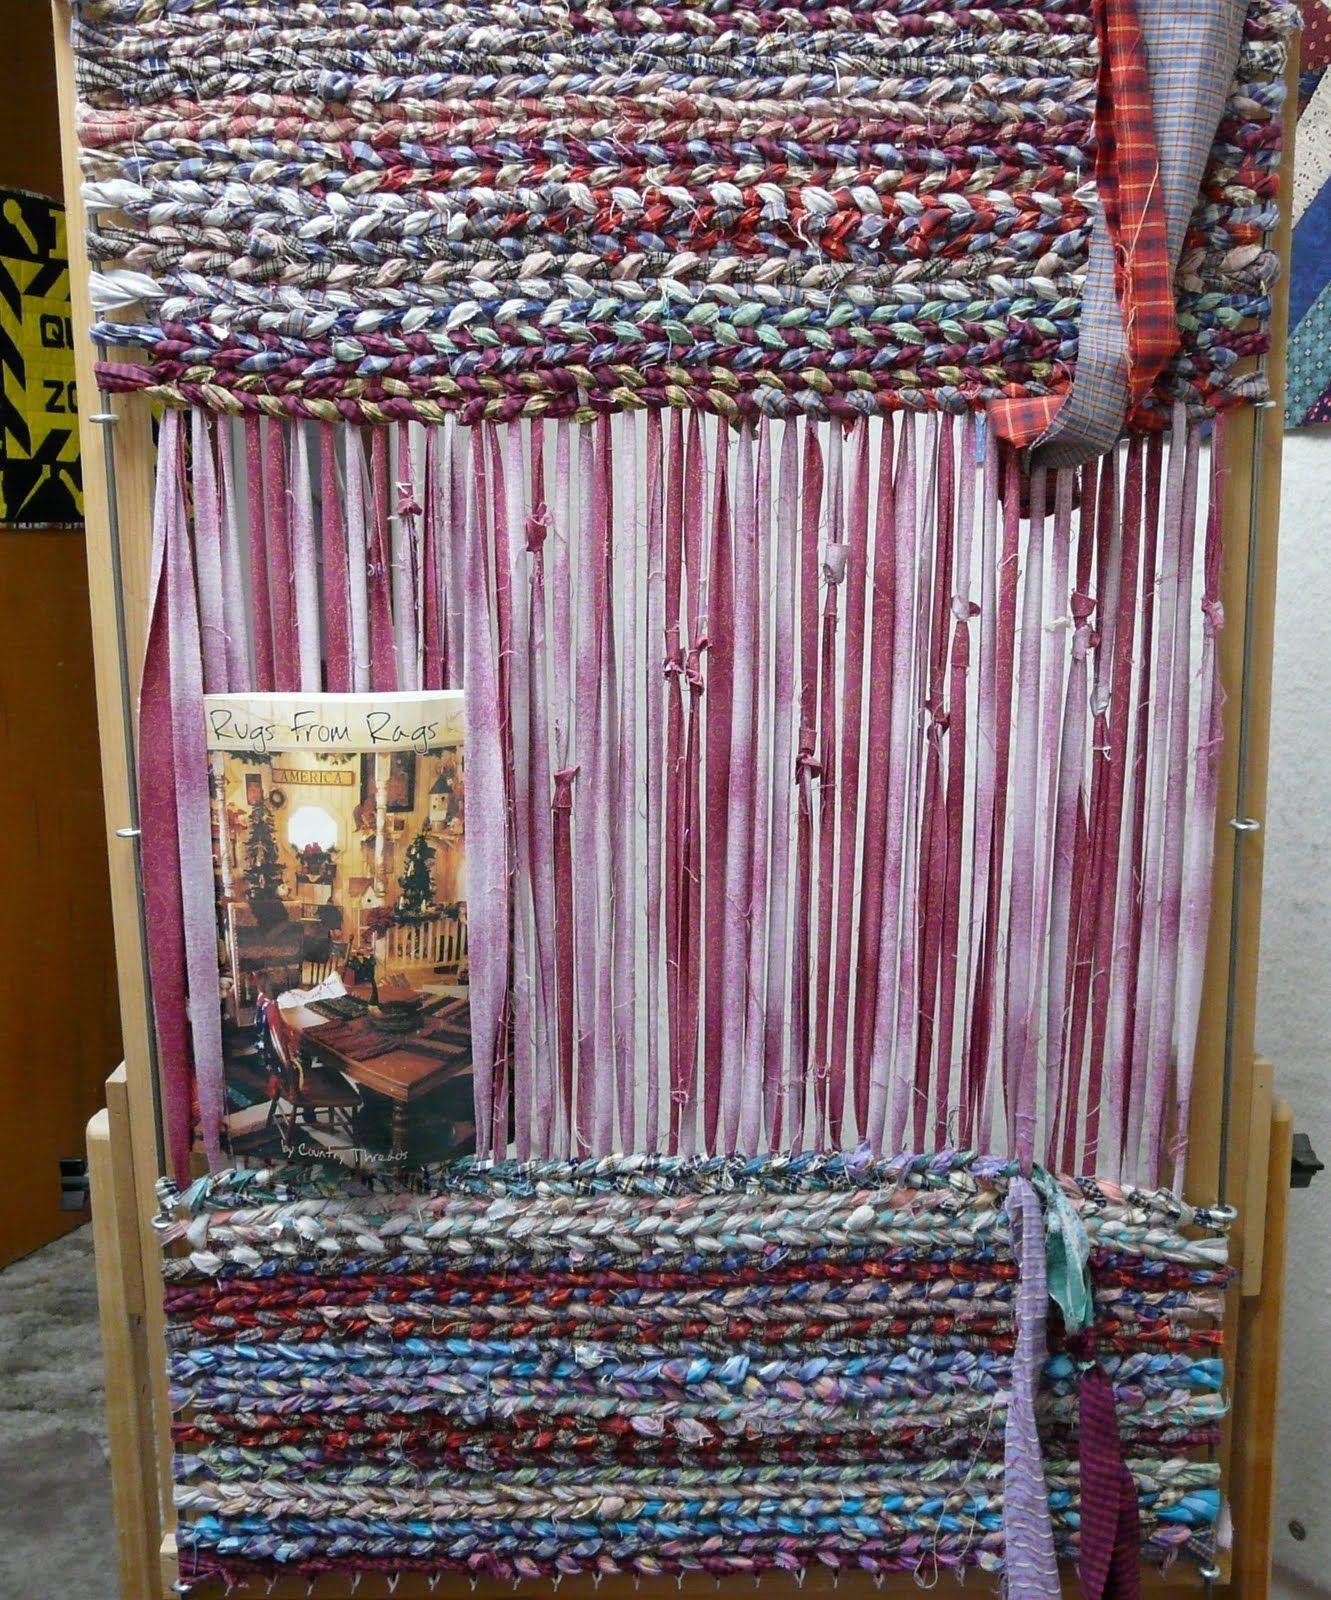 Plans For Rag Rug Loom: Rag Rugs, Looms & Frames